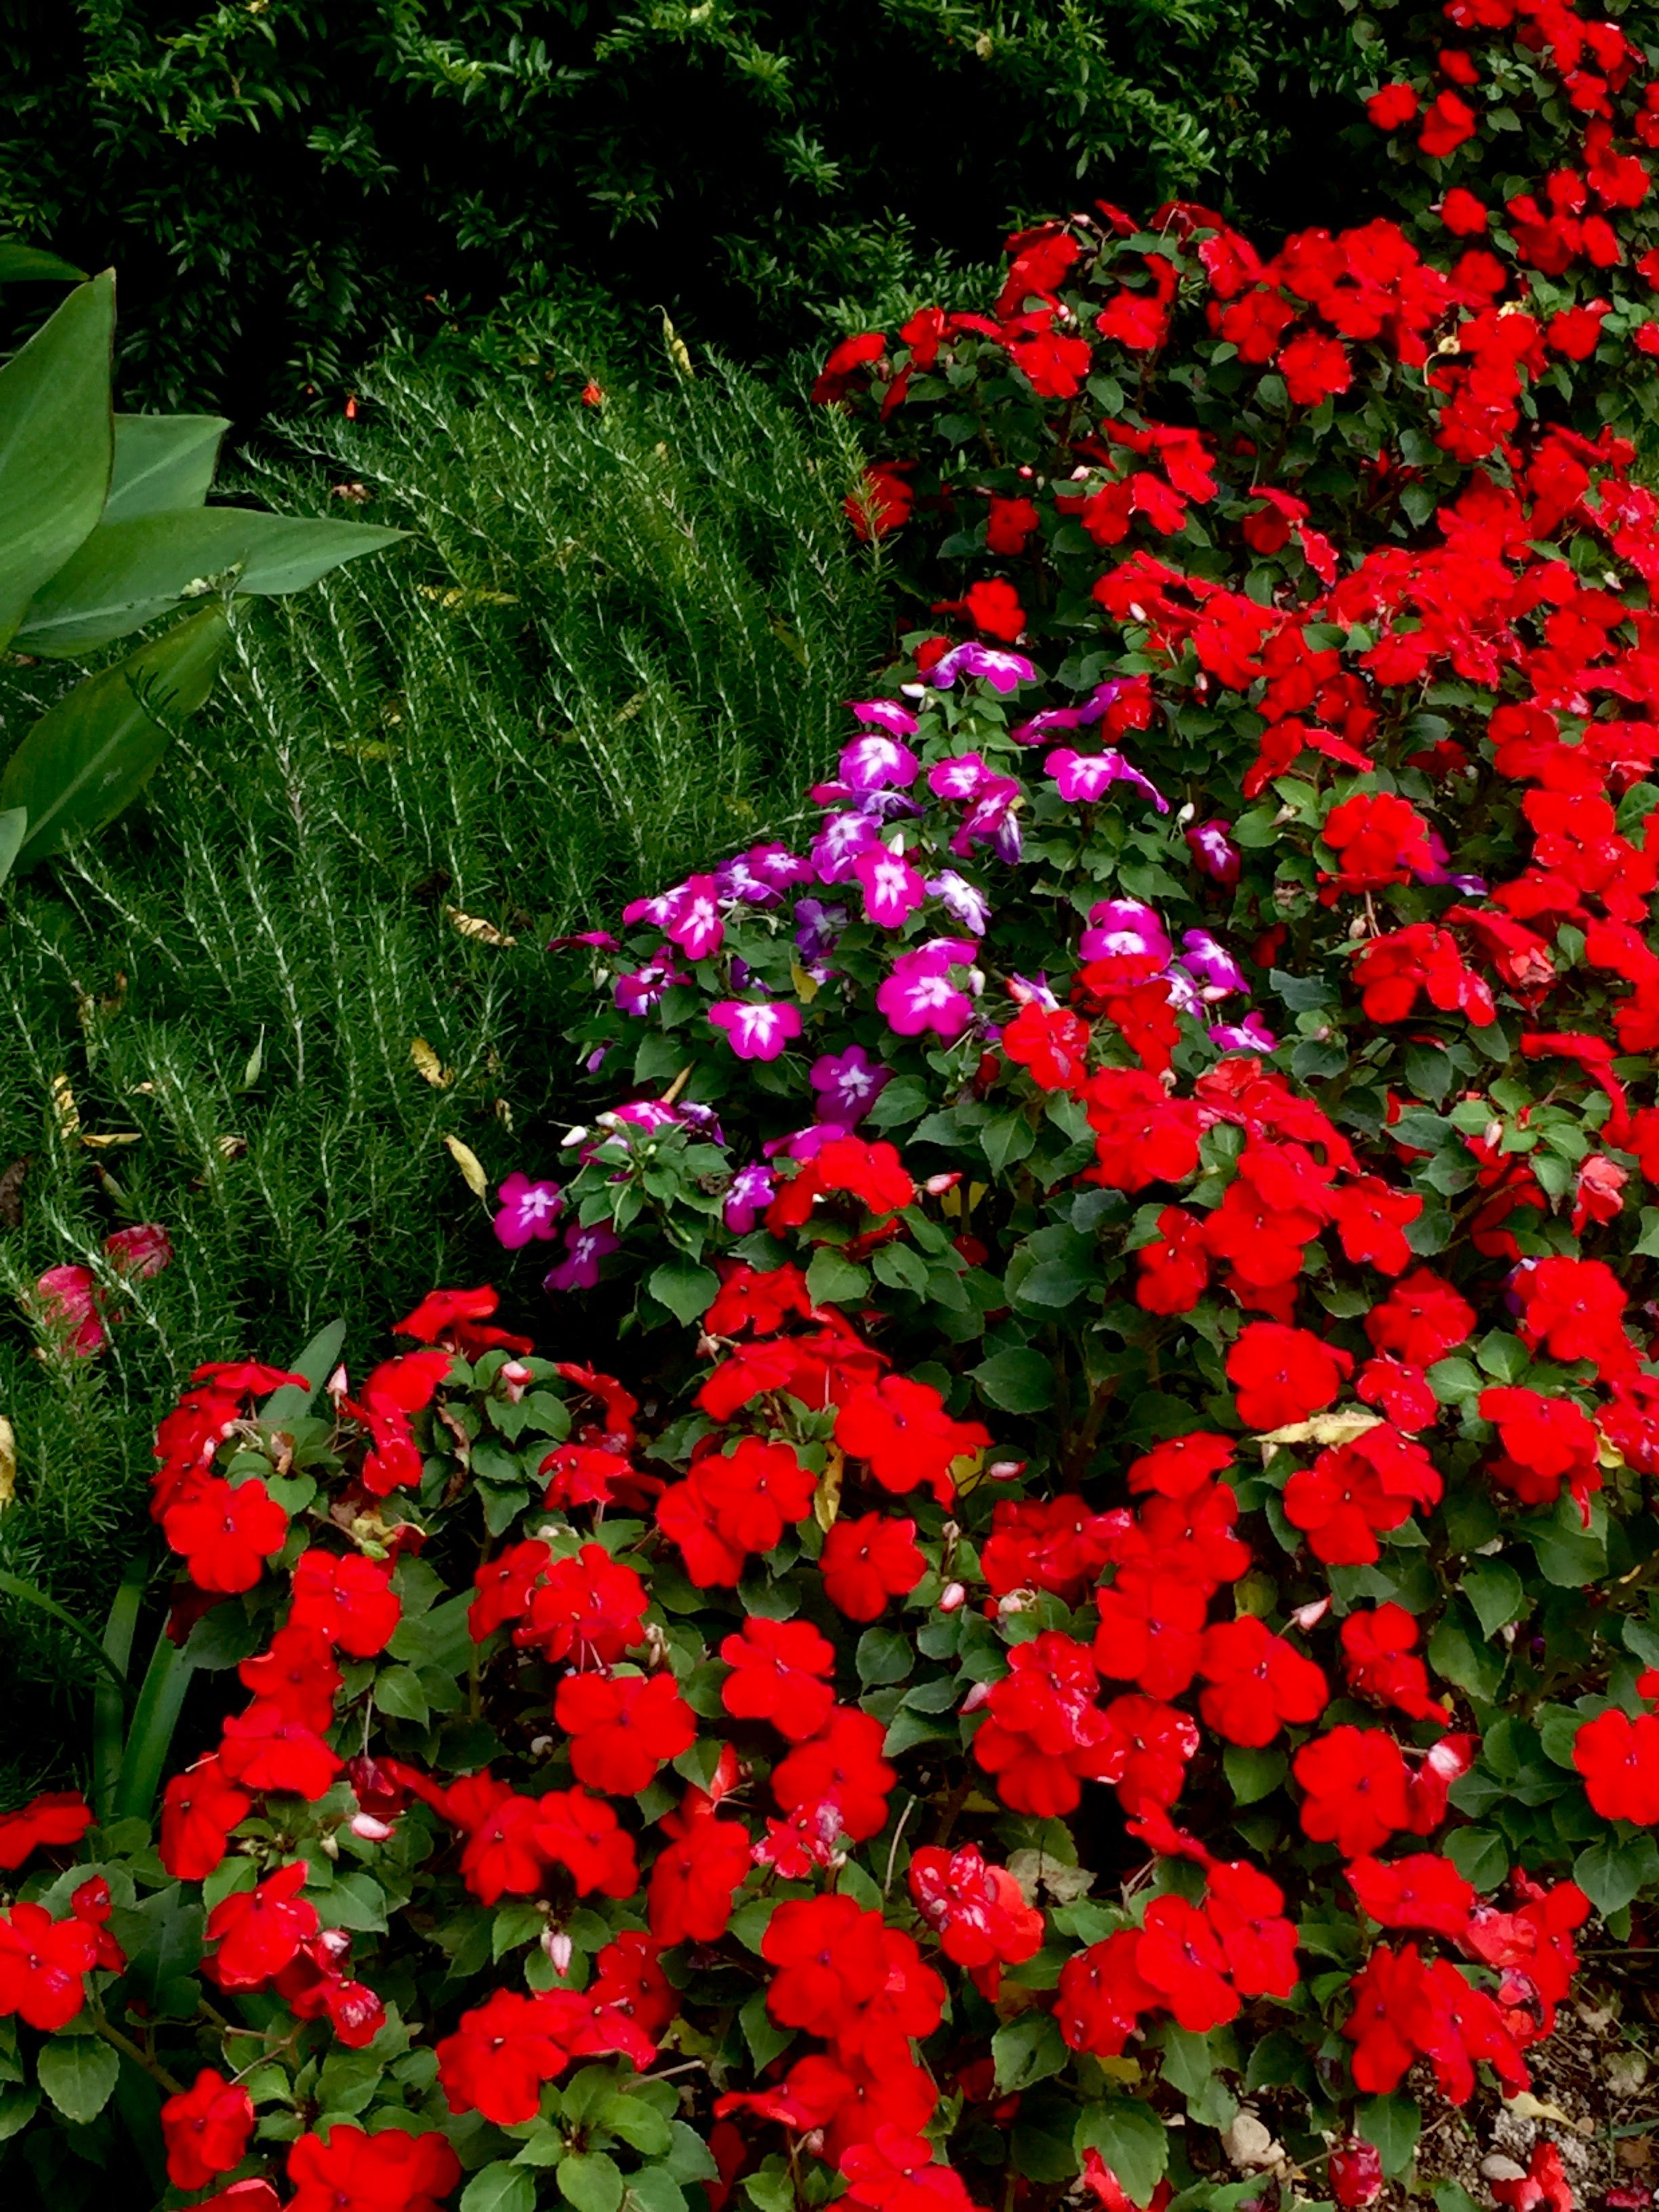 Pin by on beautiful flowers in 2018 pinterest flower beds garden beds beautiful flowers flower borders pretty flowers garden mightylinksfo